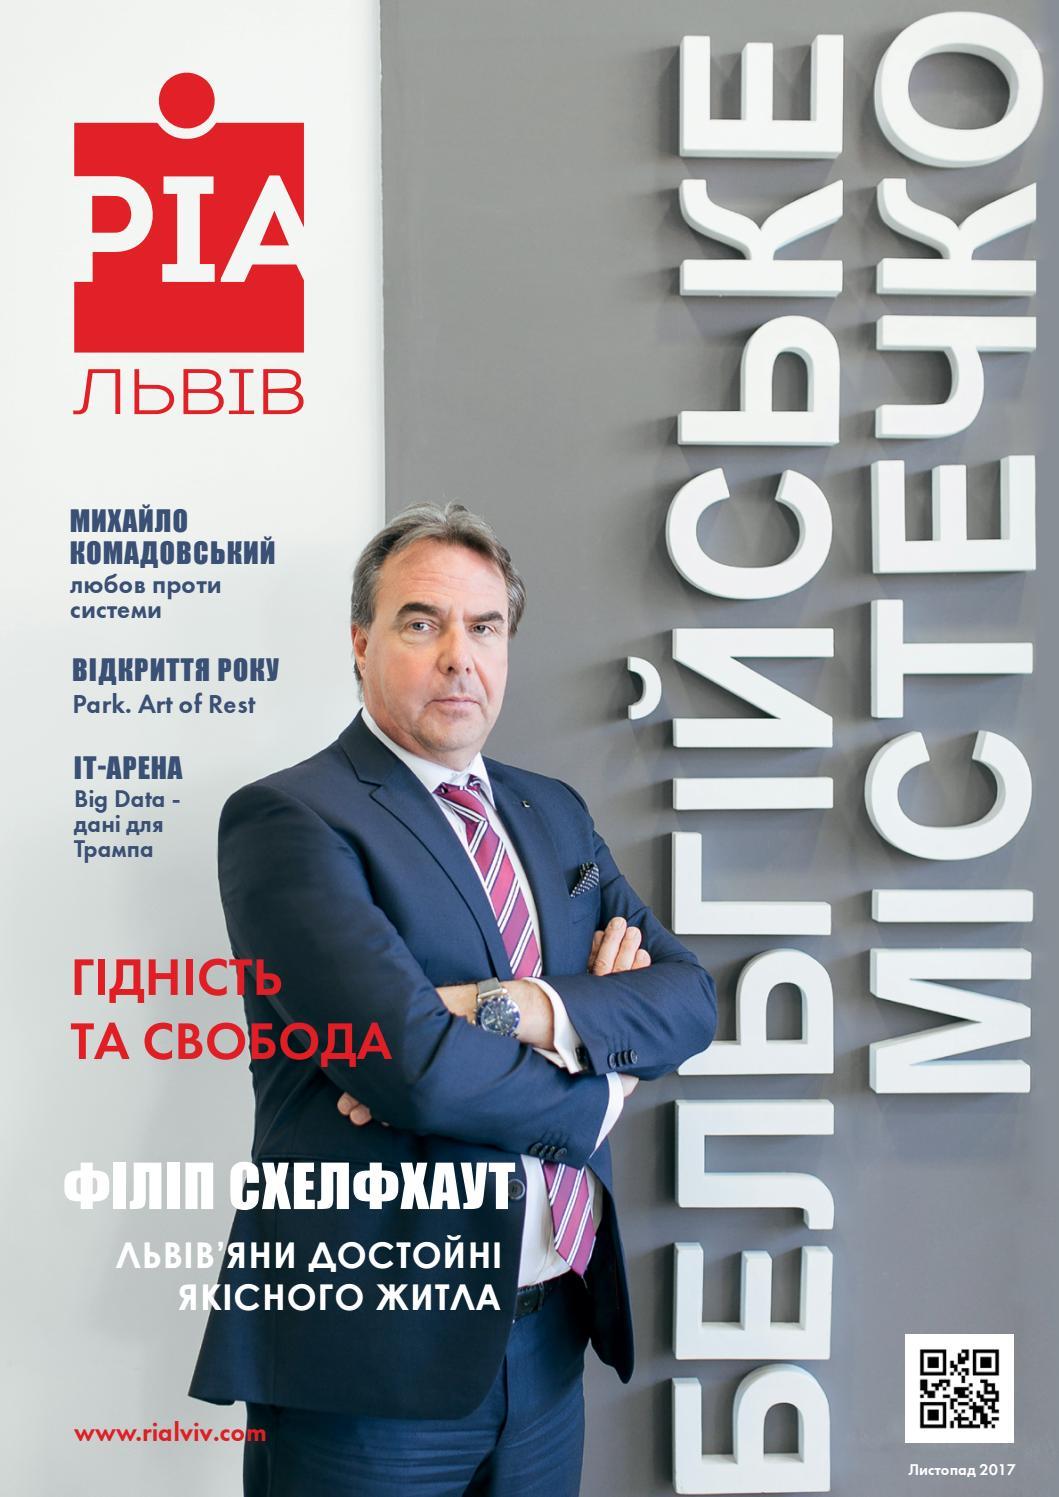 РІА Львів №9 (листопад 2017) by РІА Львів - issuu 23dcb35aca1b1